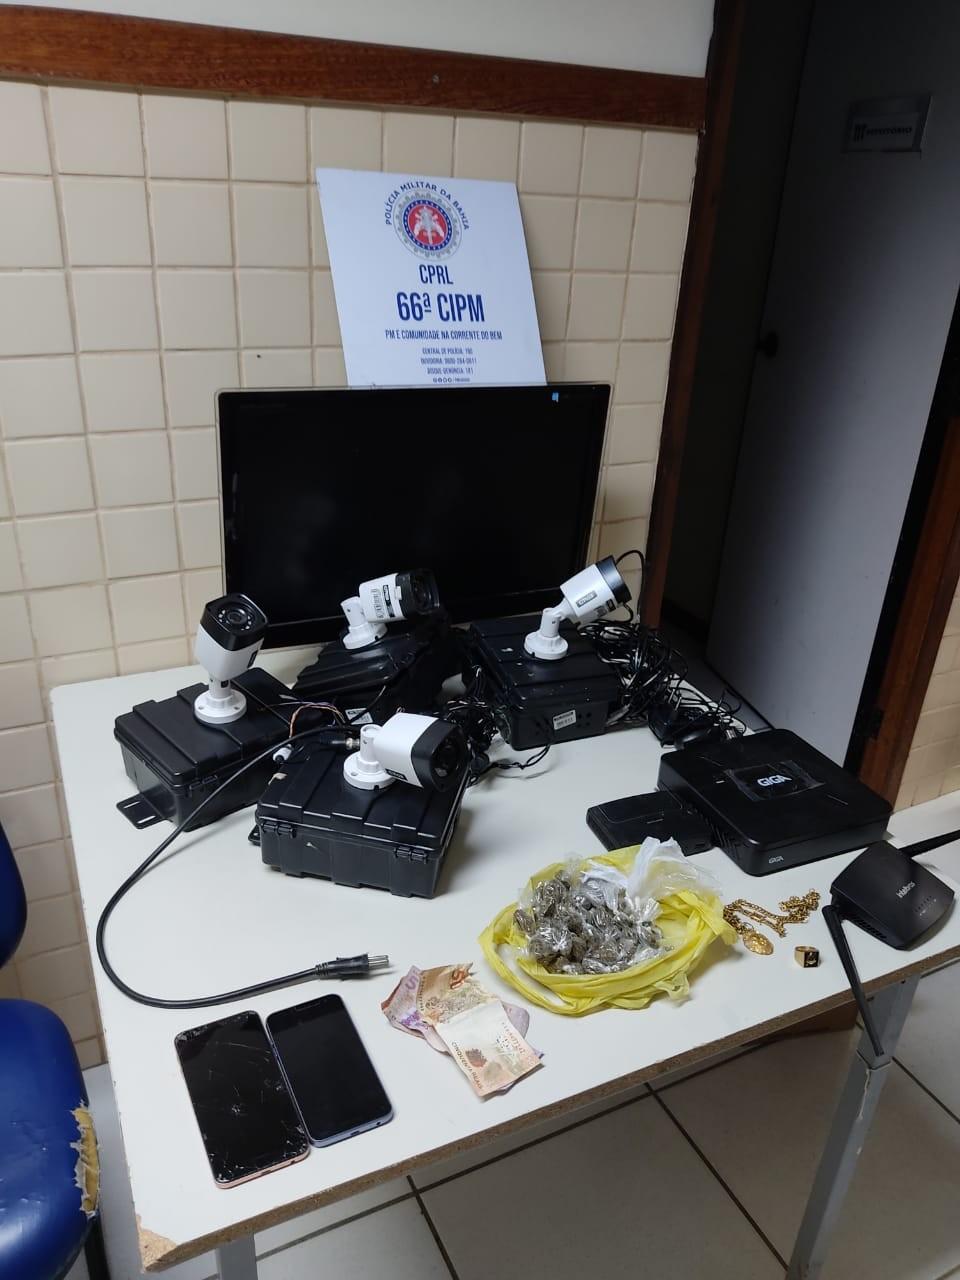 Polícia descobre câmeras clandestinas que monitoravam viaturas em bairro de Feira de Santana